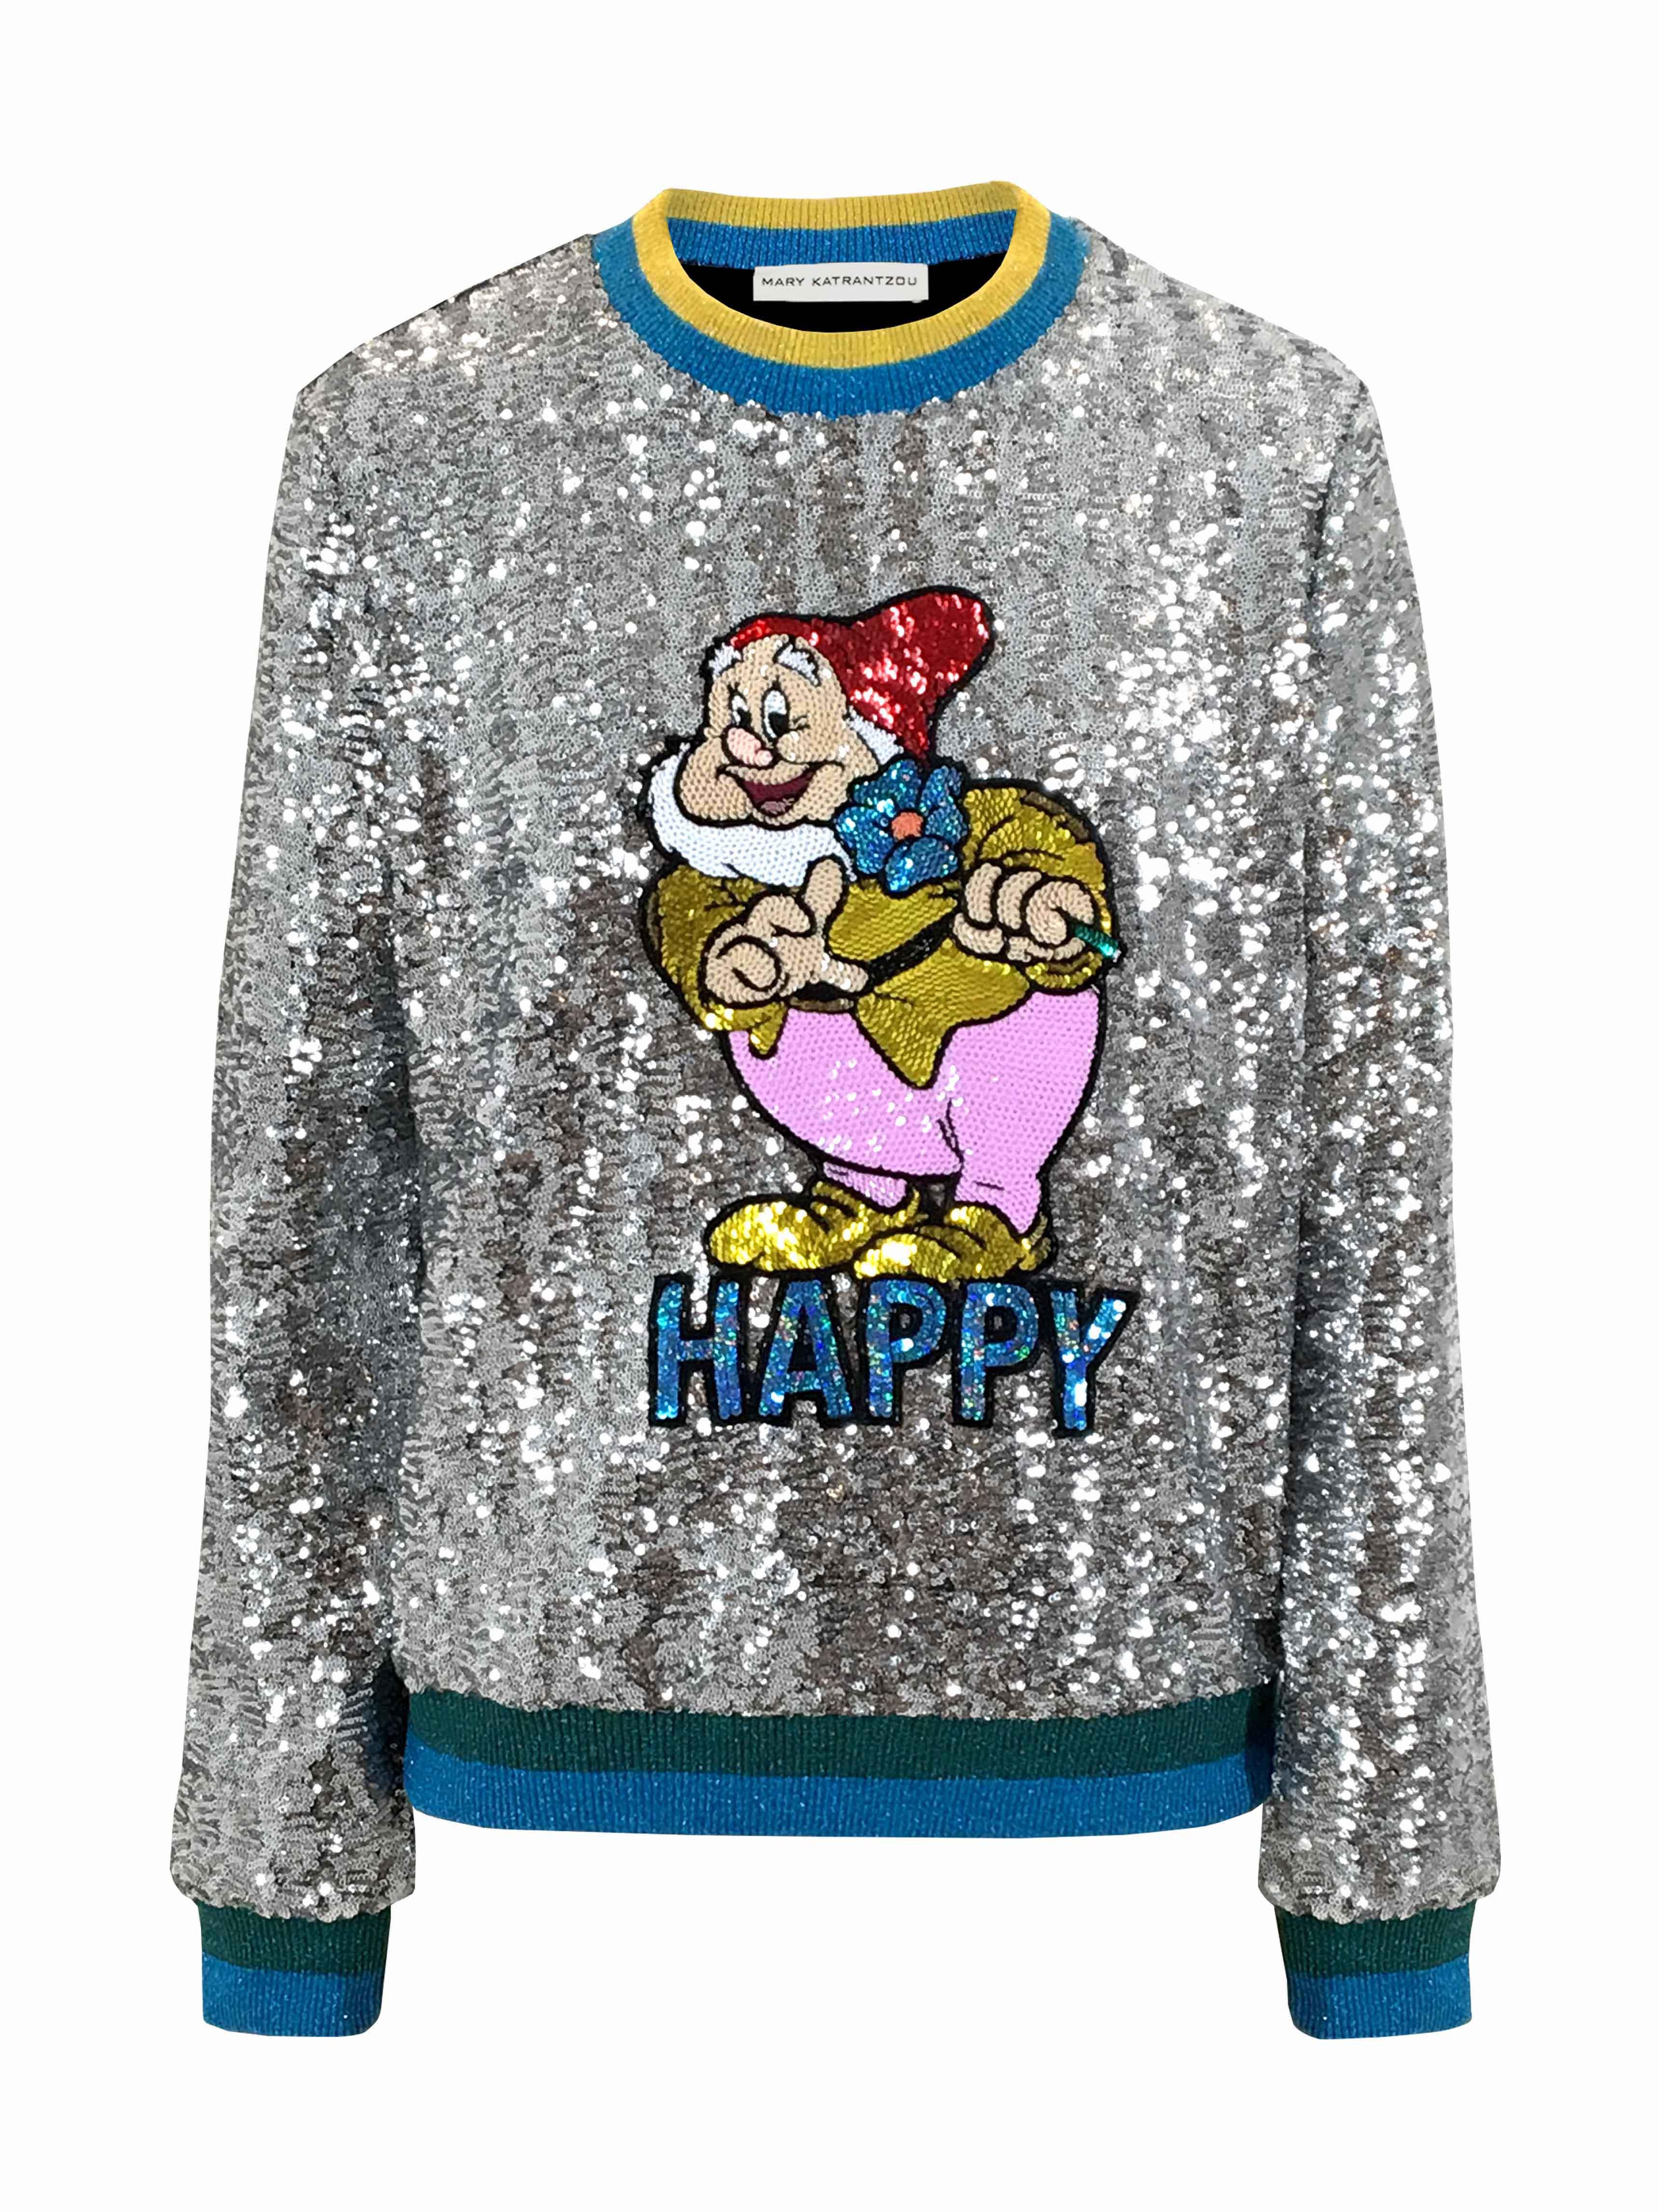 Mary Katrantzou, Sweatshirt, Happy